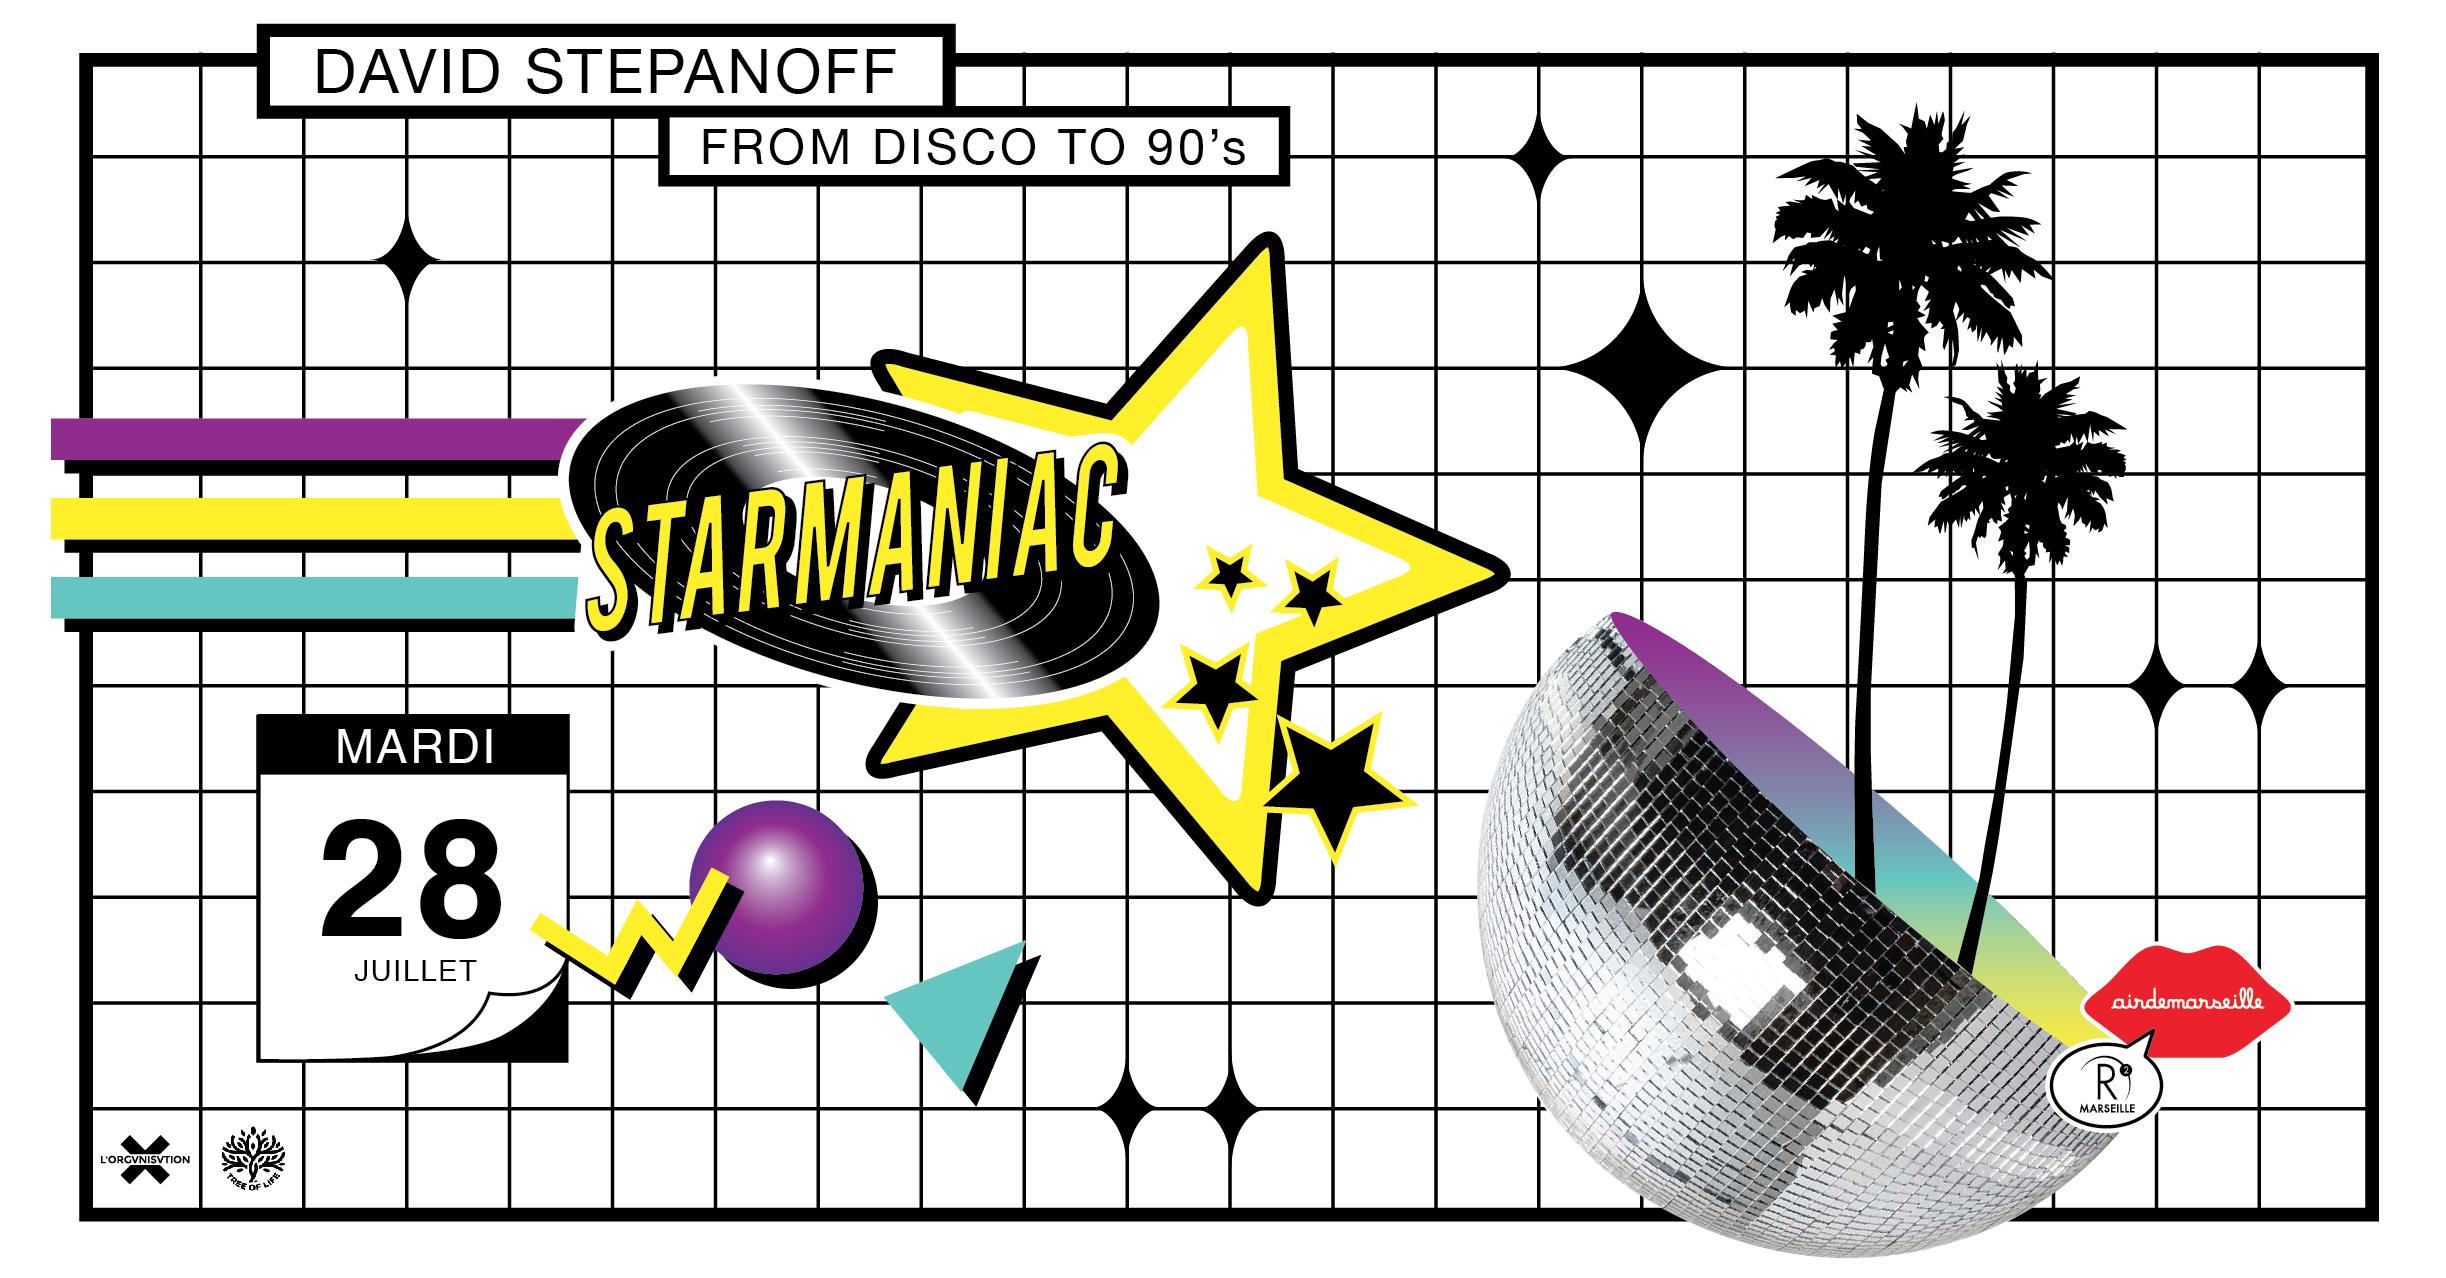 R2 x L'Organisation / StarManiac / 28.07